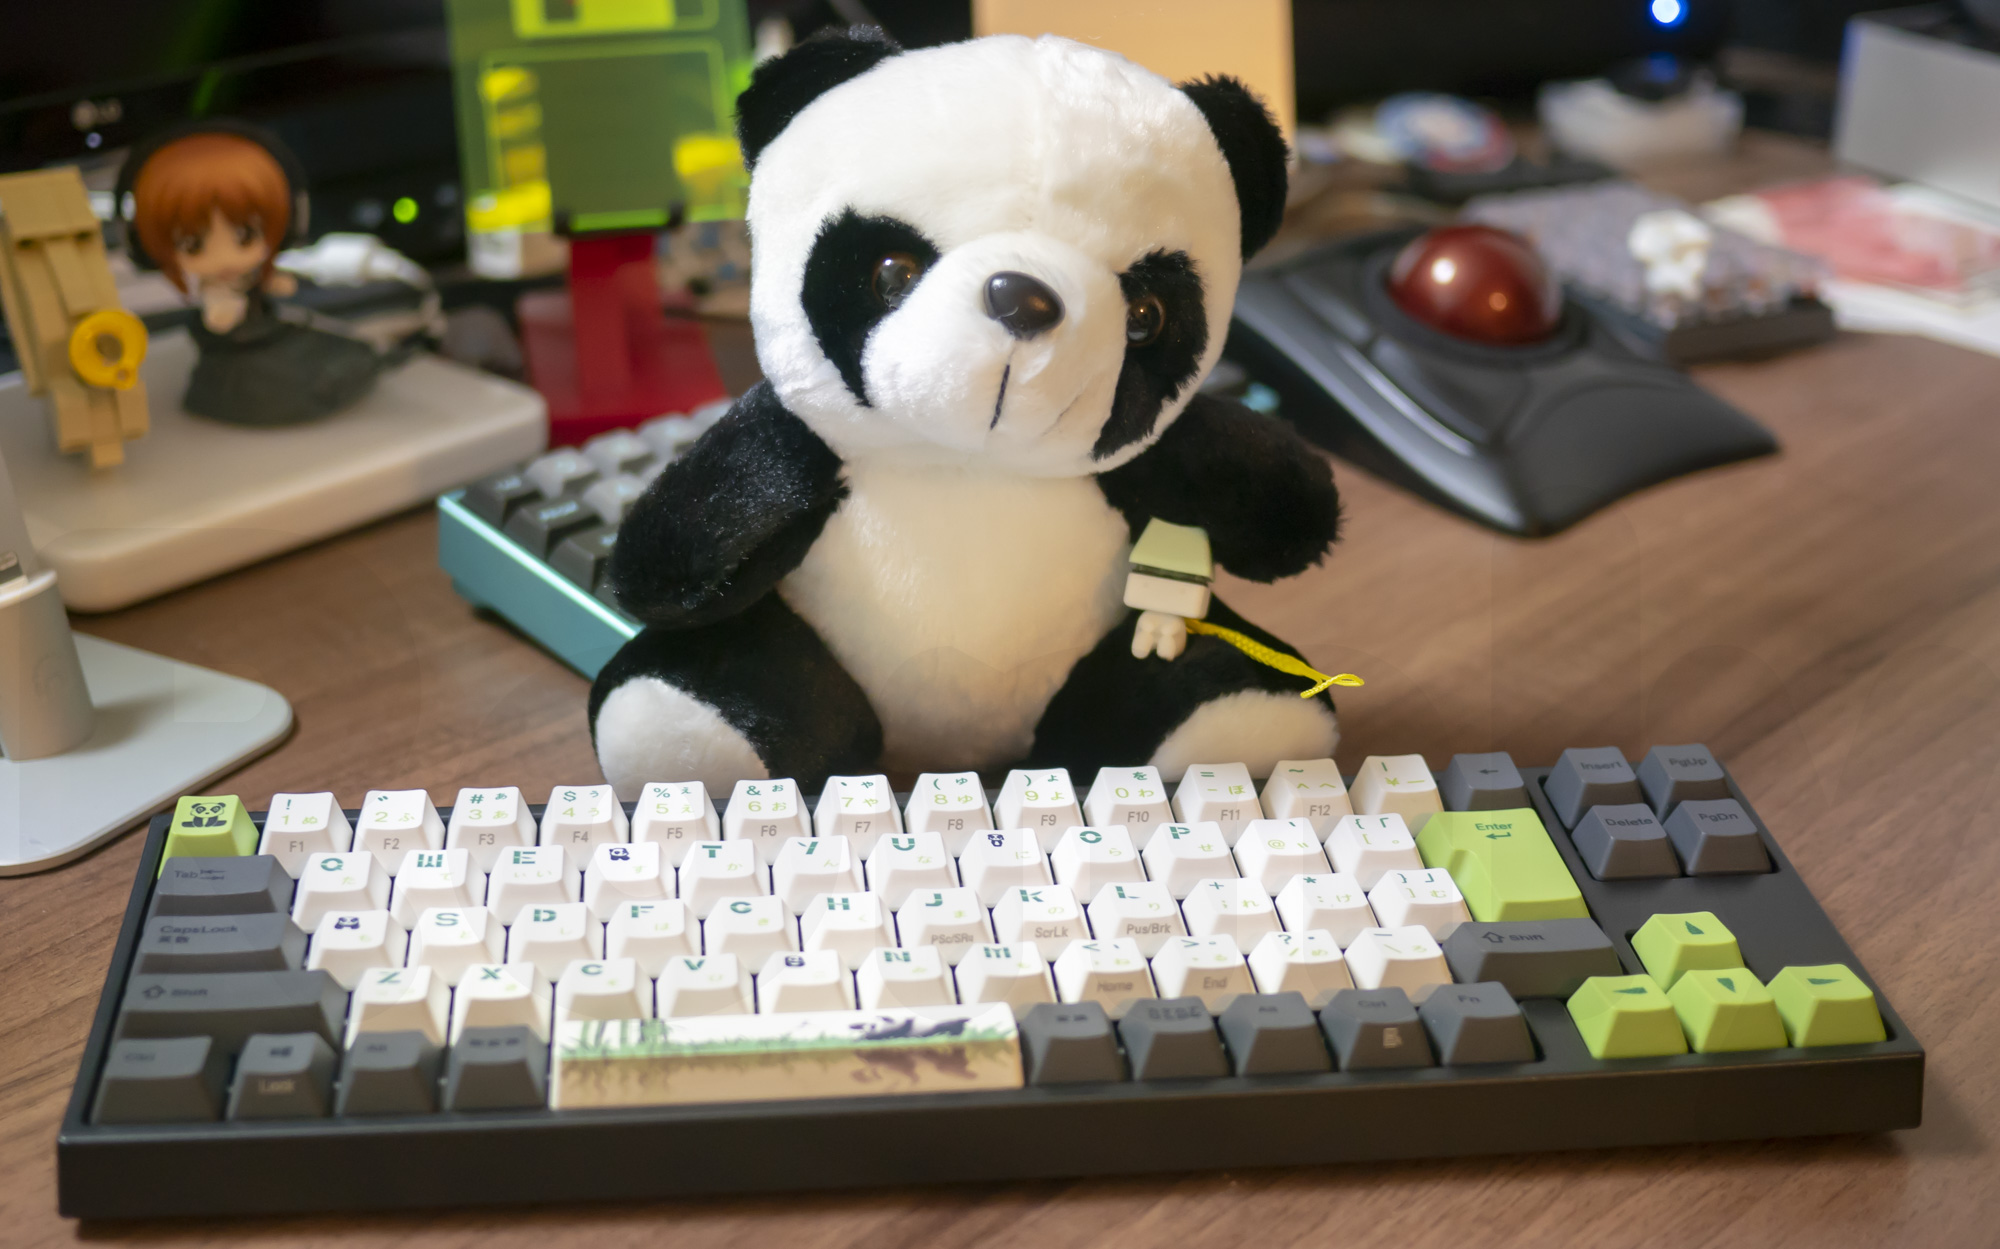 VARMILO Panda with Keycappie